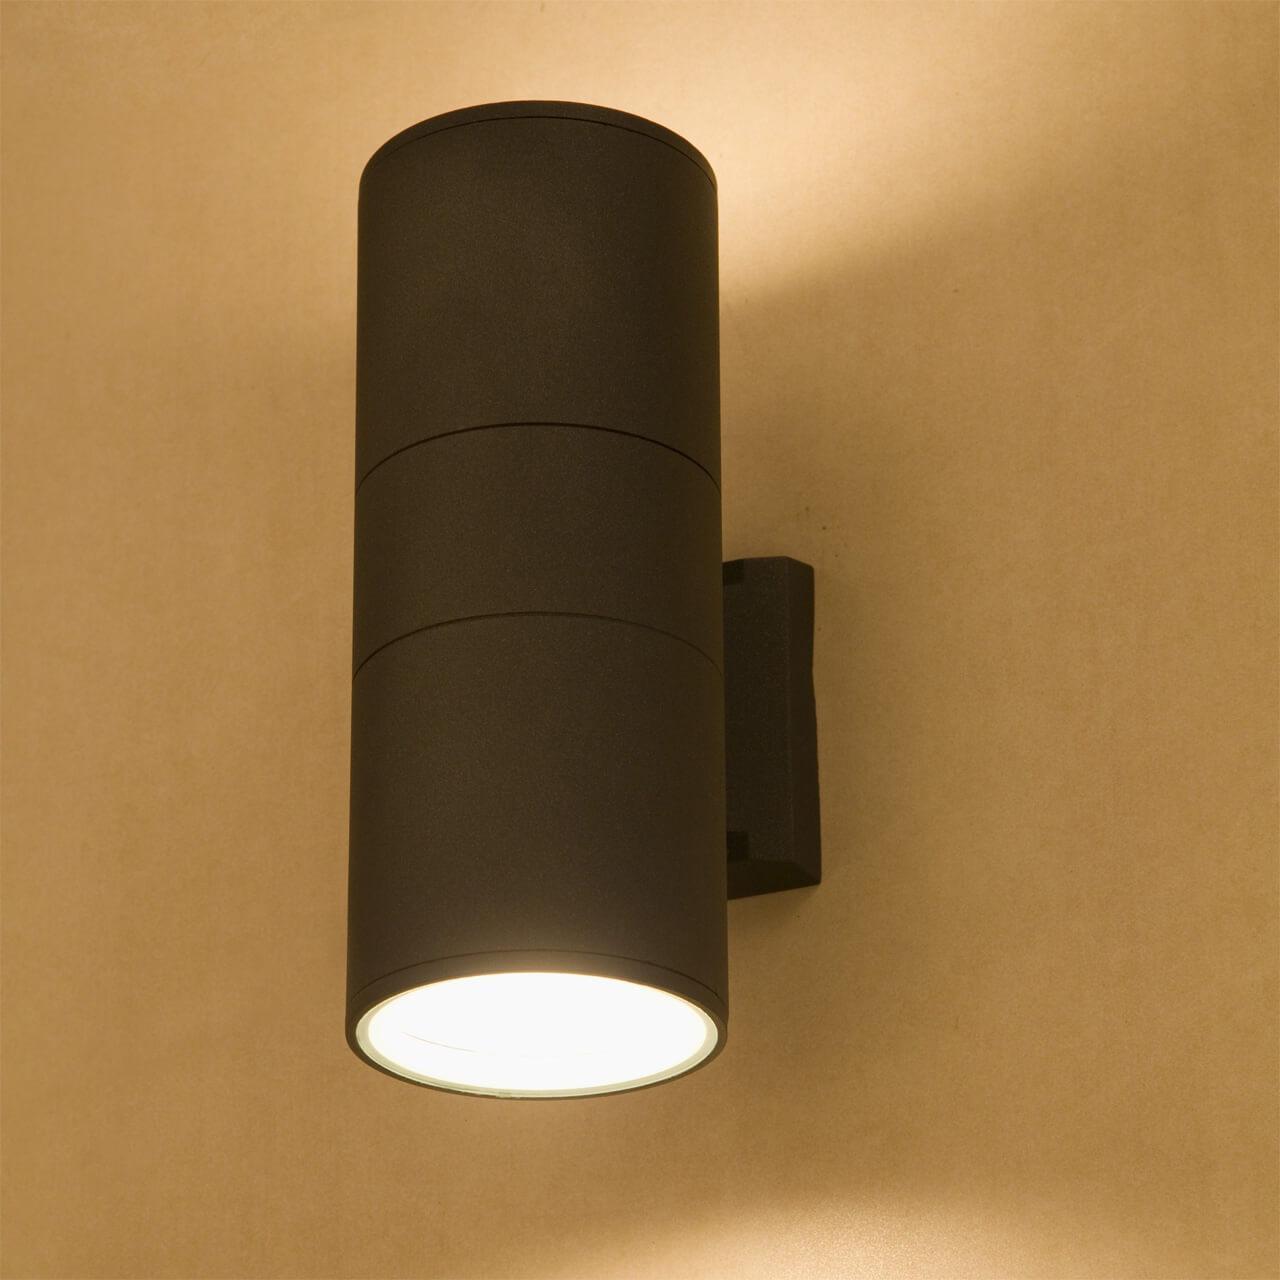 Уличный светильник Nowodvorski 3404, E27 уличный настенный светильник nowodvorski tay 5292